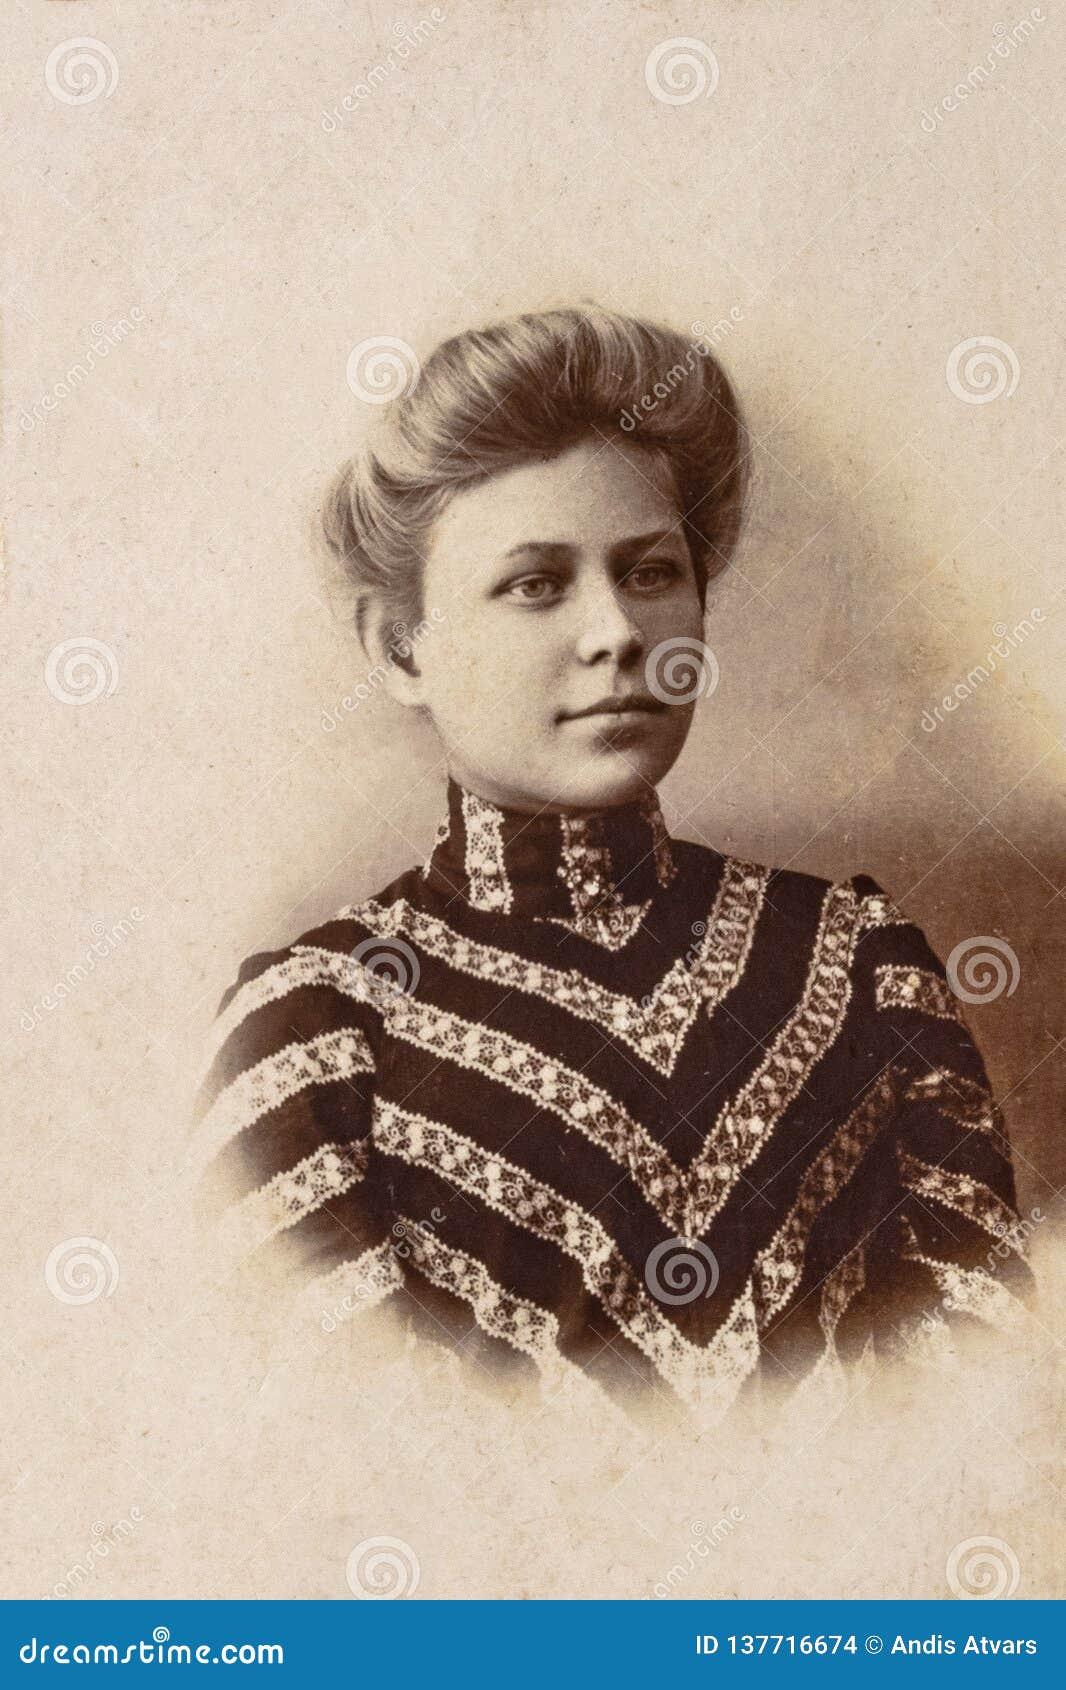 RUSIA - CIRCA 1905-1910: Un retrato de la mujer joven, foto de la era de Vintage Carte de Viste Edwardian